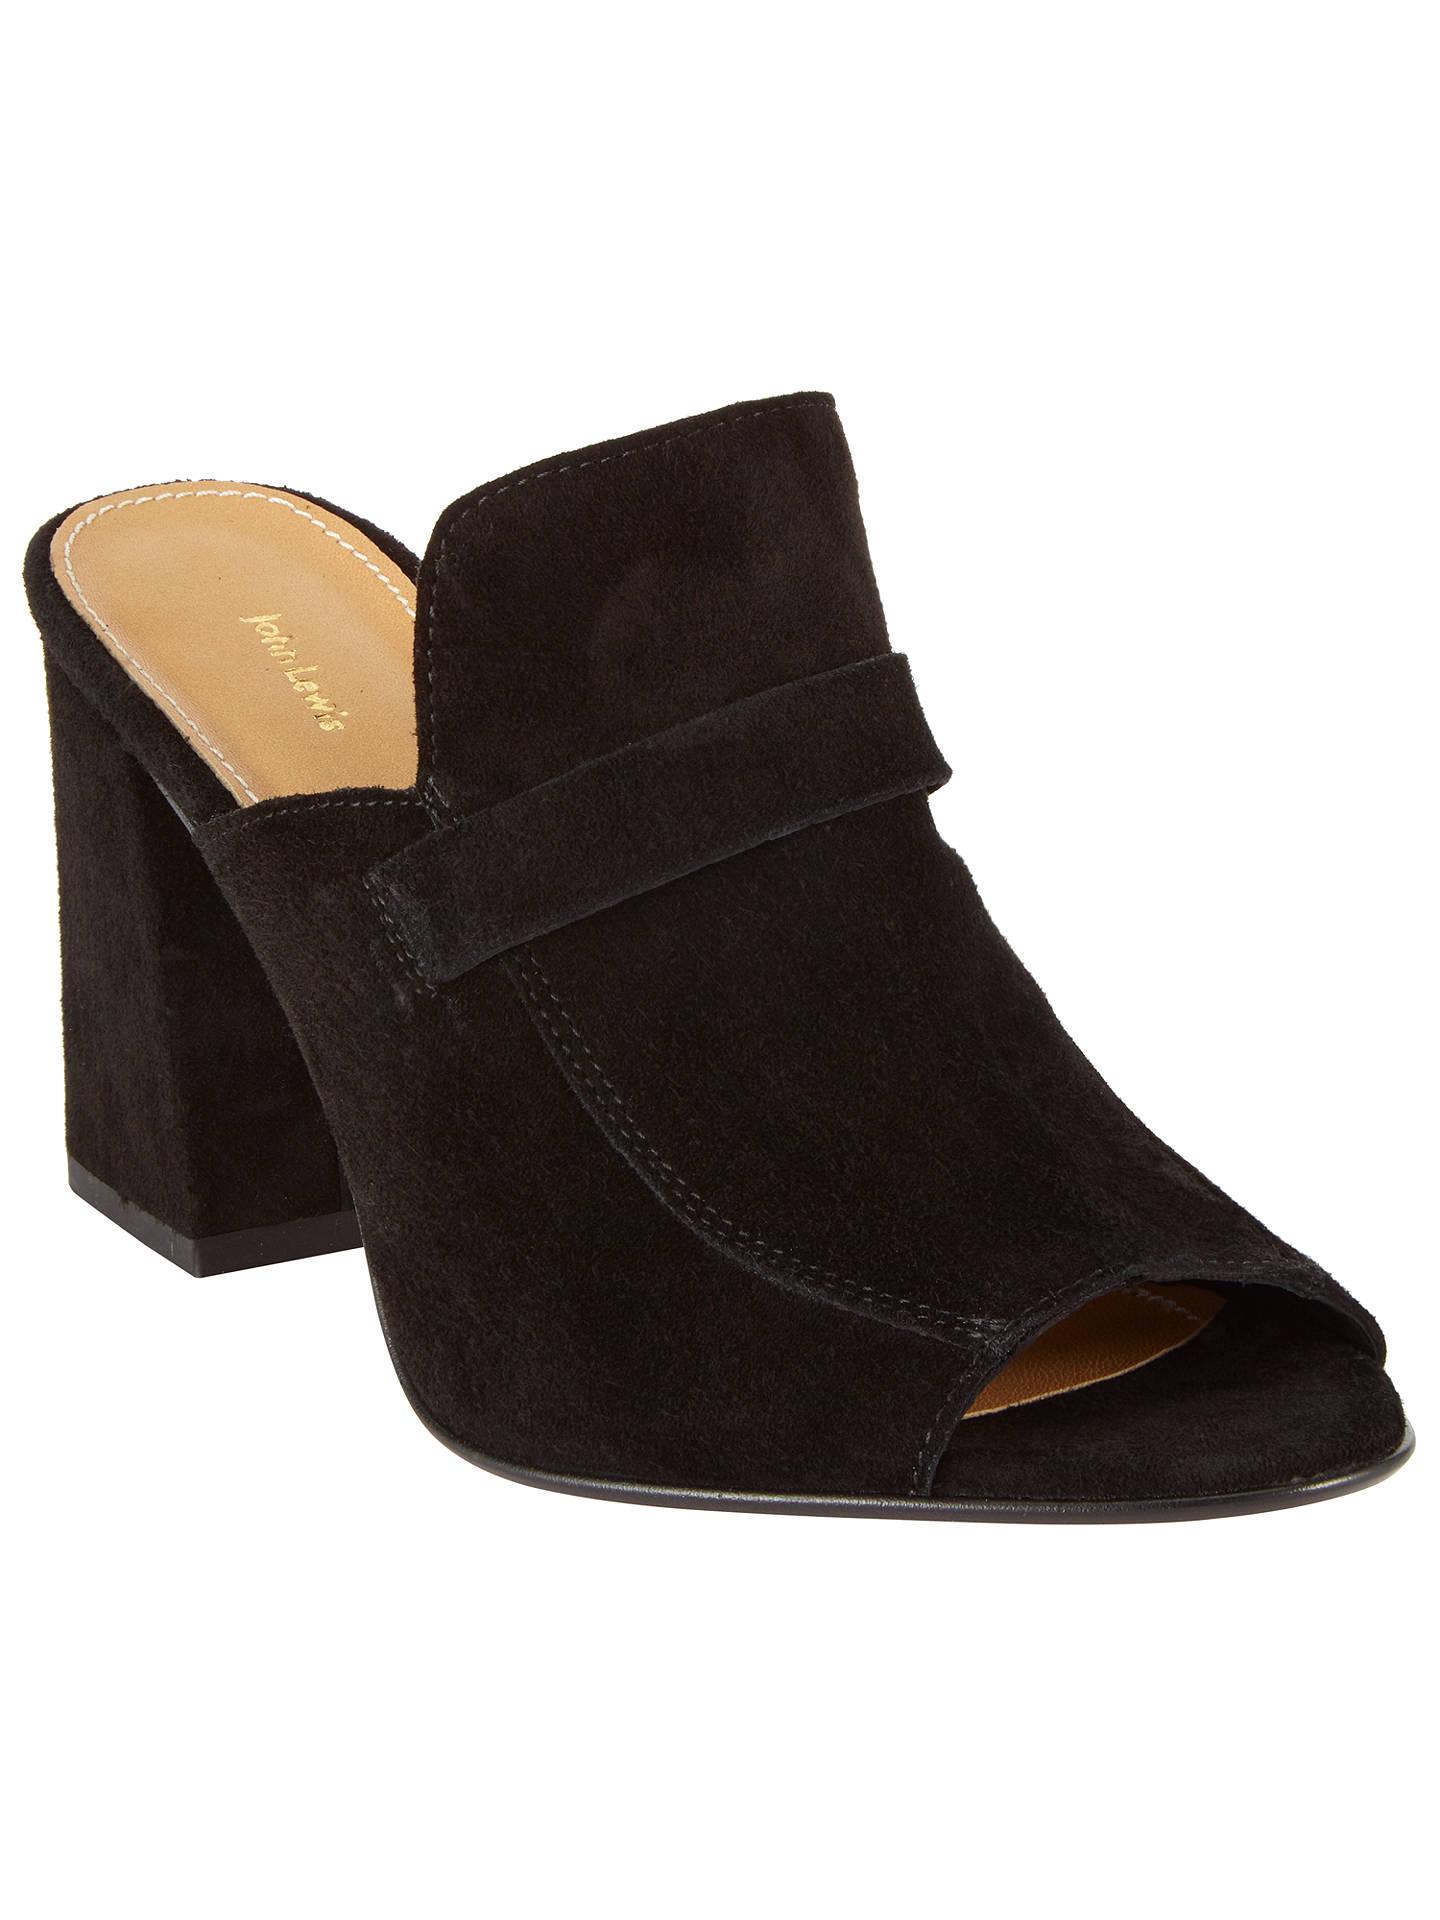 640bd0f49cf23 Buy John Lewis Jackie Block Heeled Mule Sandals